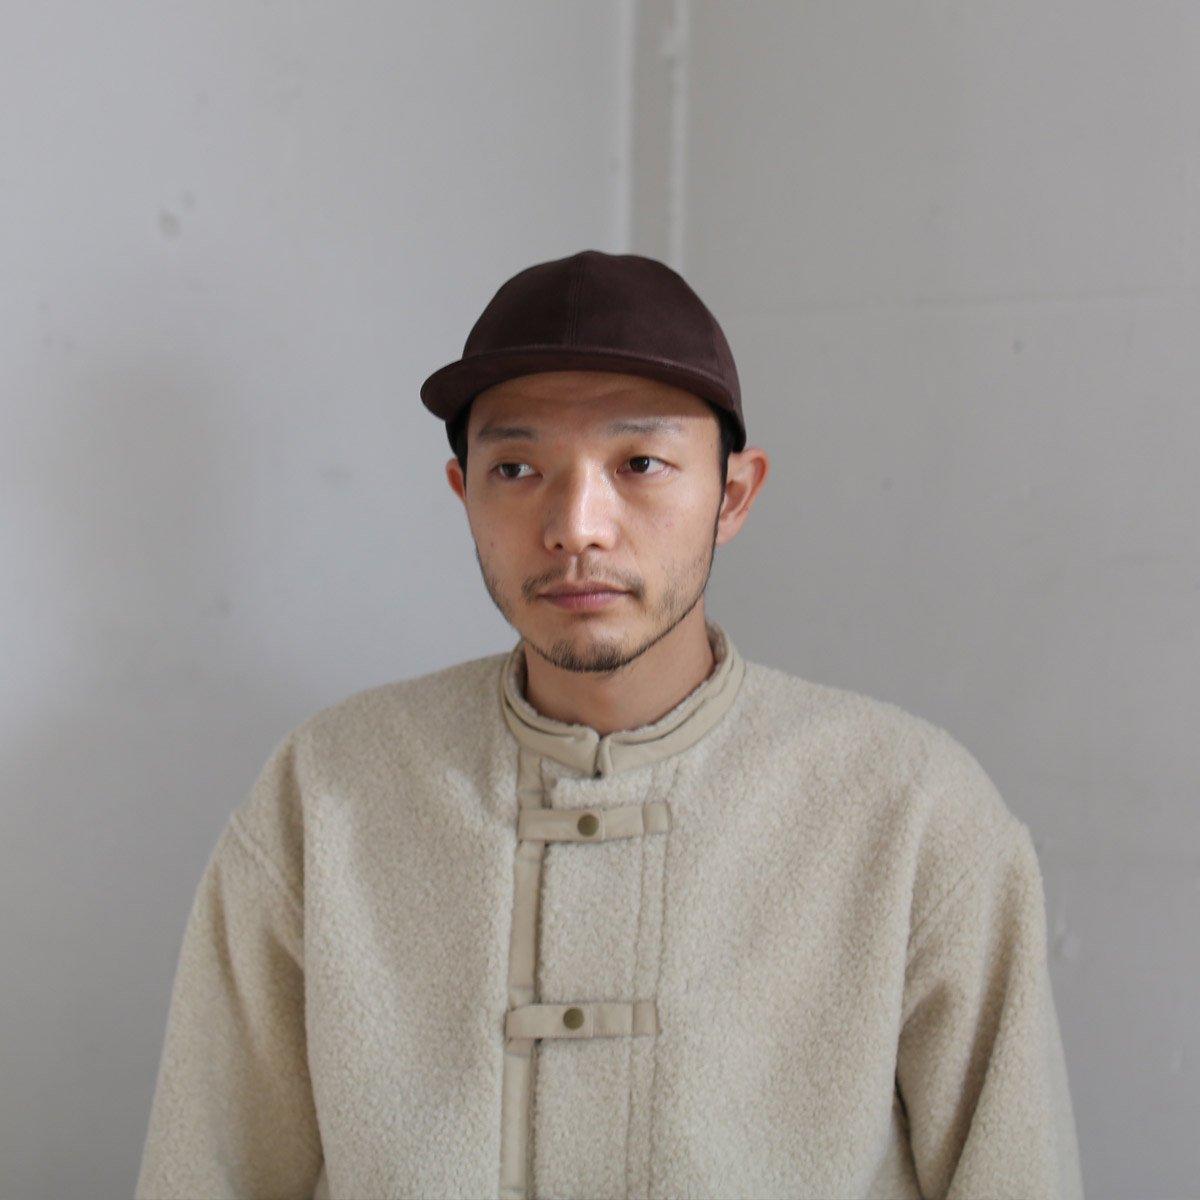 JOBA CAP 詳細画像10